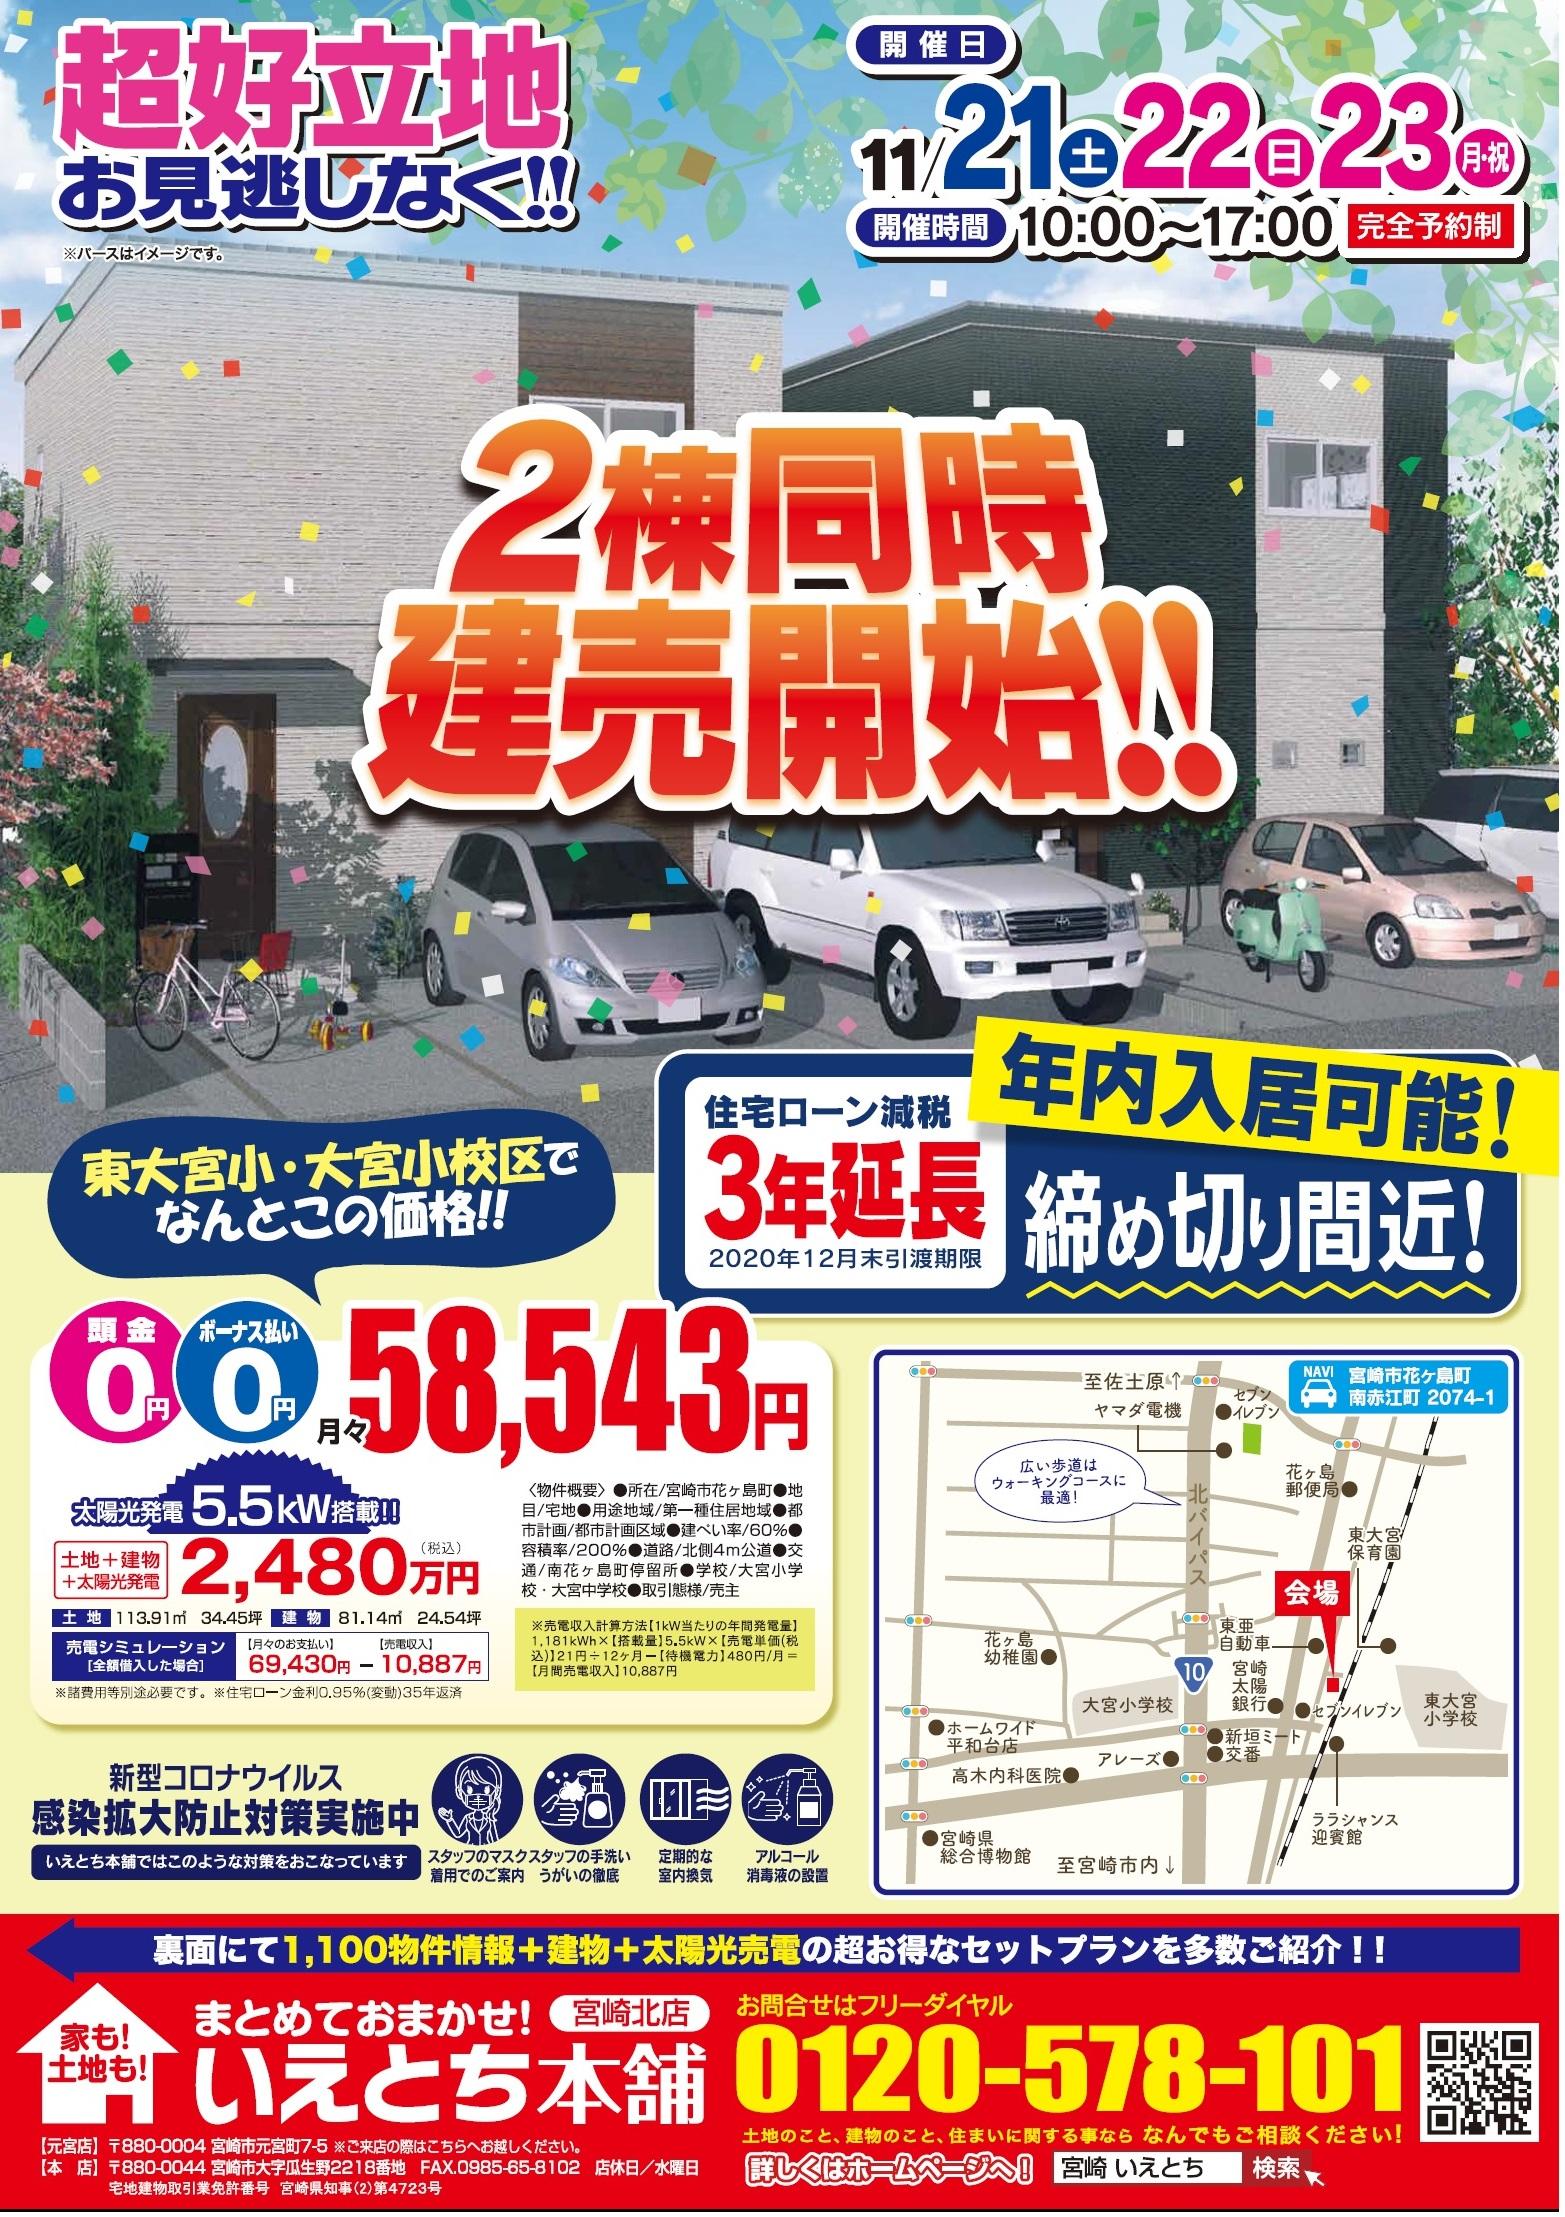 超好立地!花ヶ島モデルハウス2棟同時建売開始!